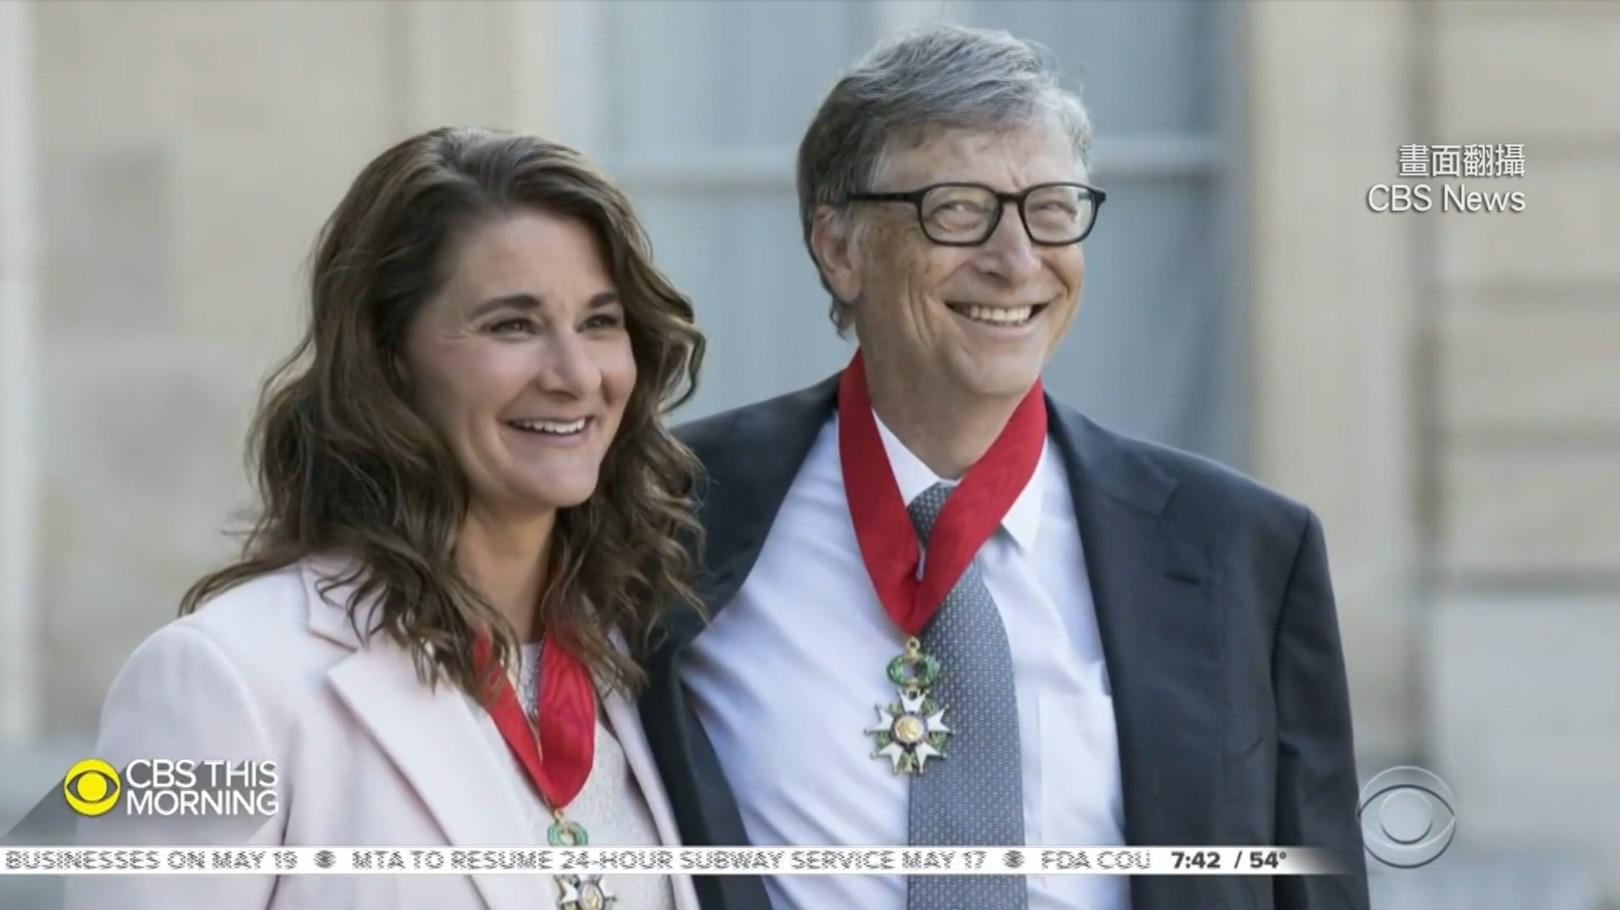 離婚分產! 比爾蓋茲逾503億股票將轉讓前妻